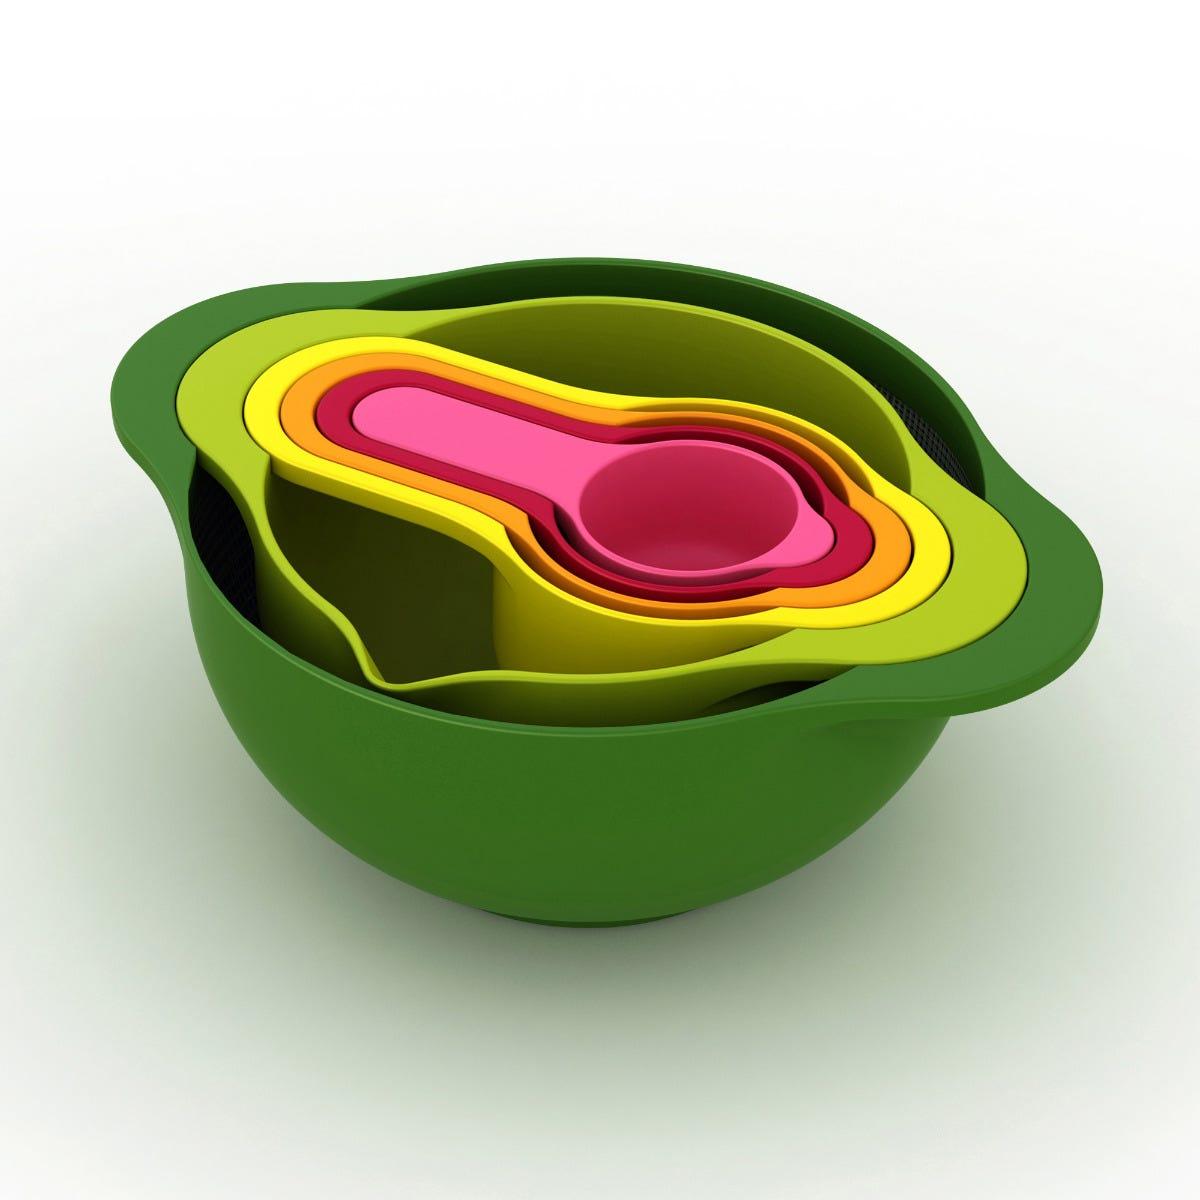 Set de bowls y tazas para medir Joseph Joseph®, 6 piezas